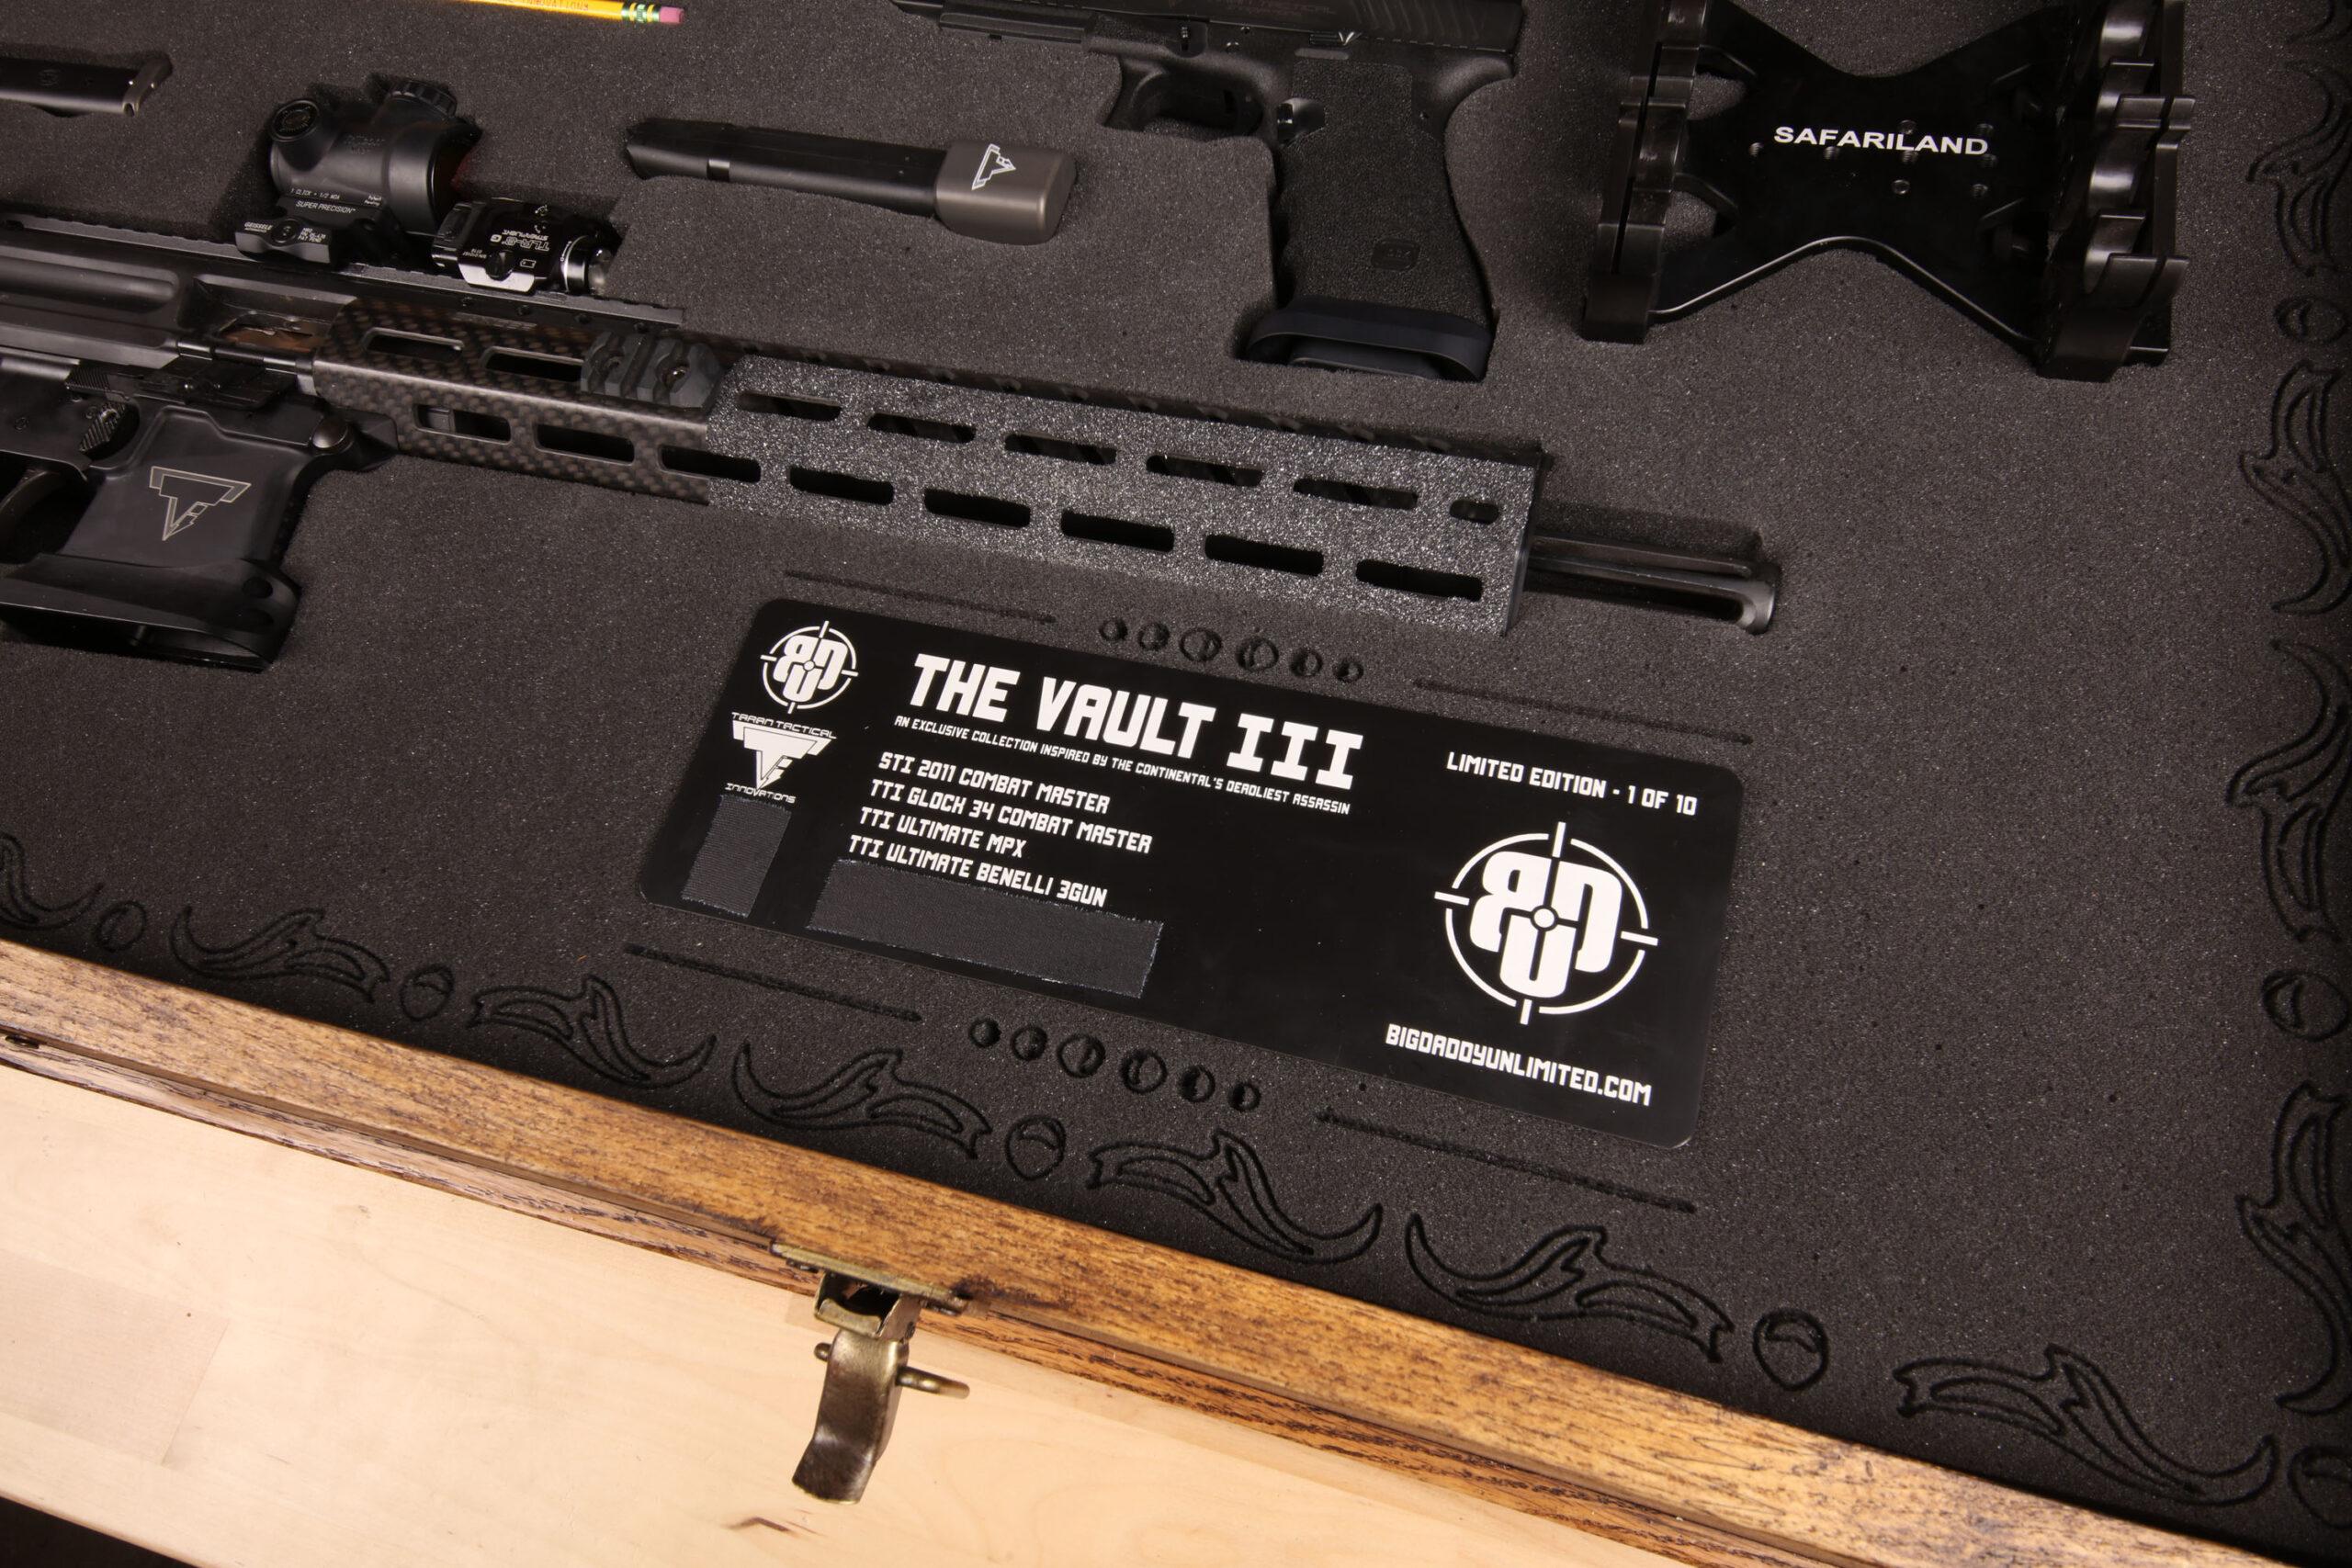 John Wick Iii Vault Guns Un12magazine